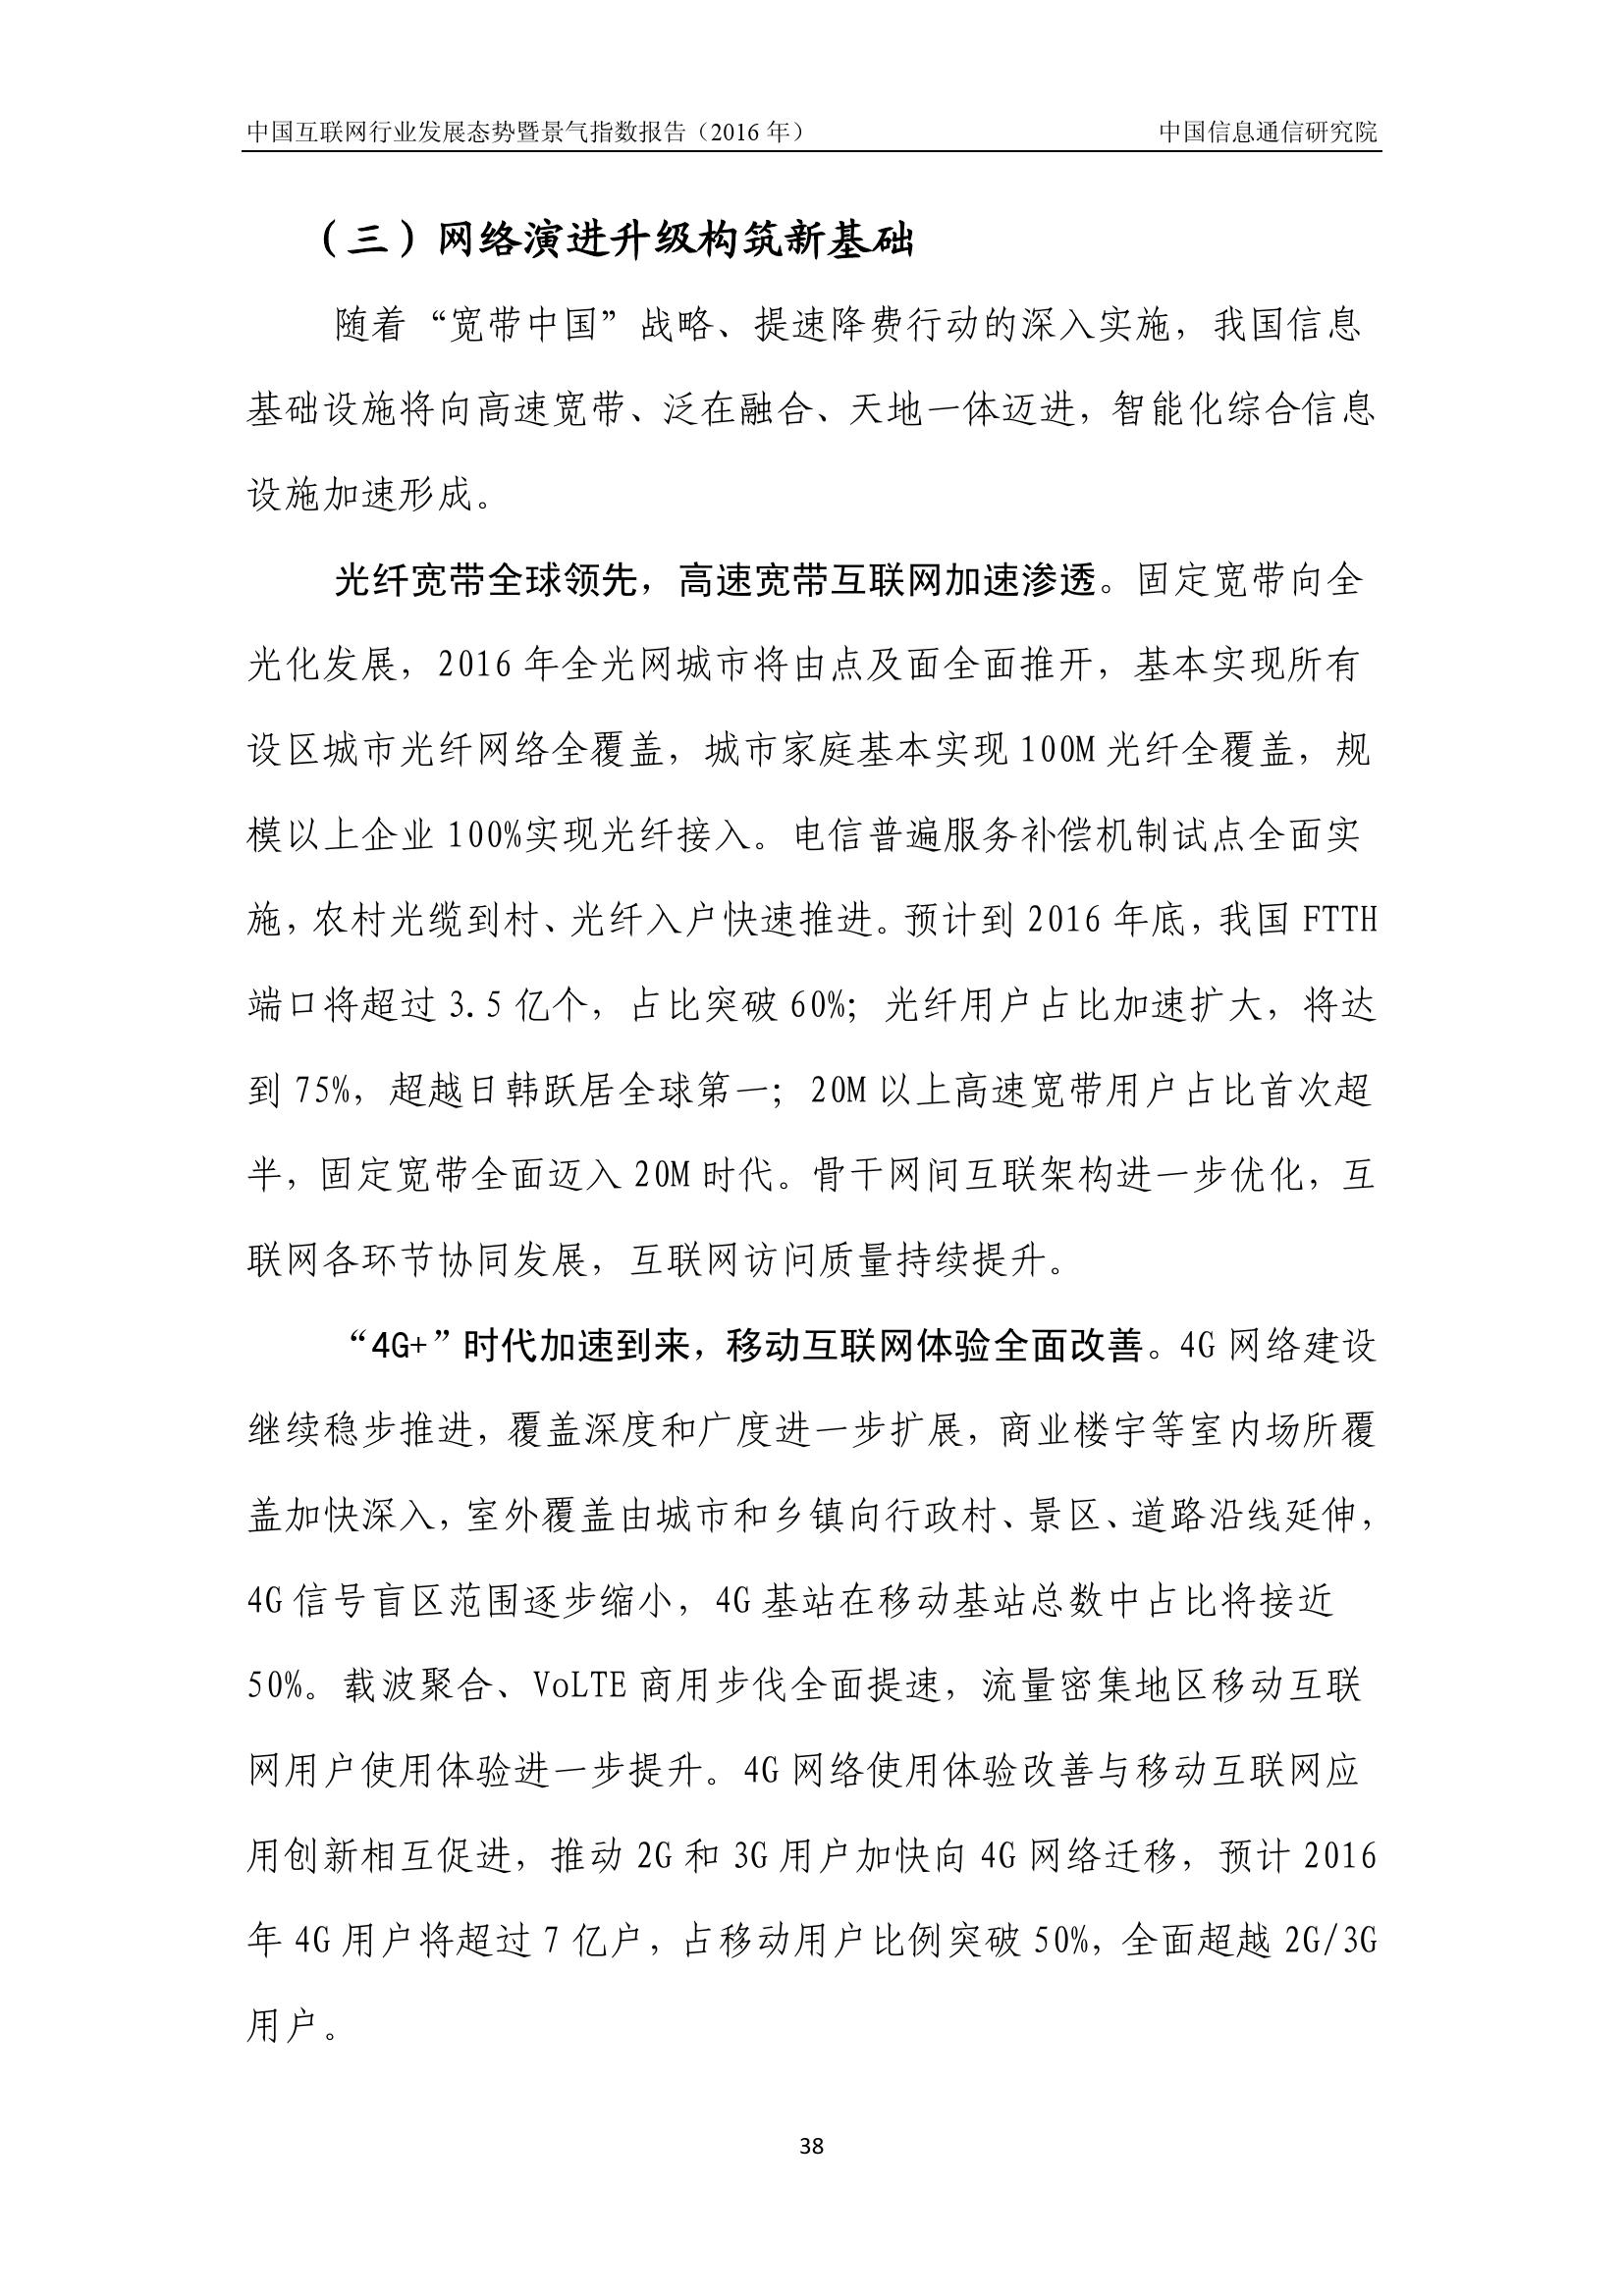 2016年中国互联网行业发展态势暨景气指数报告_000042